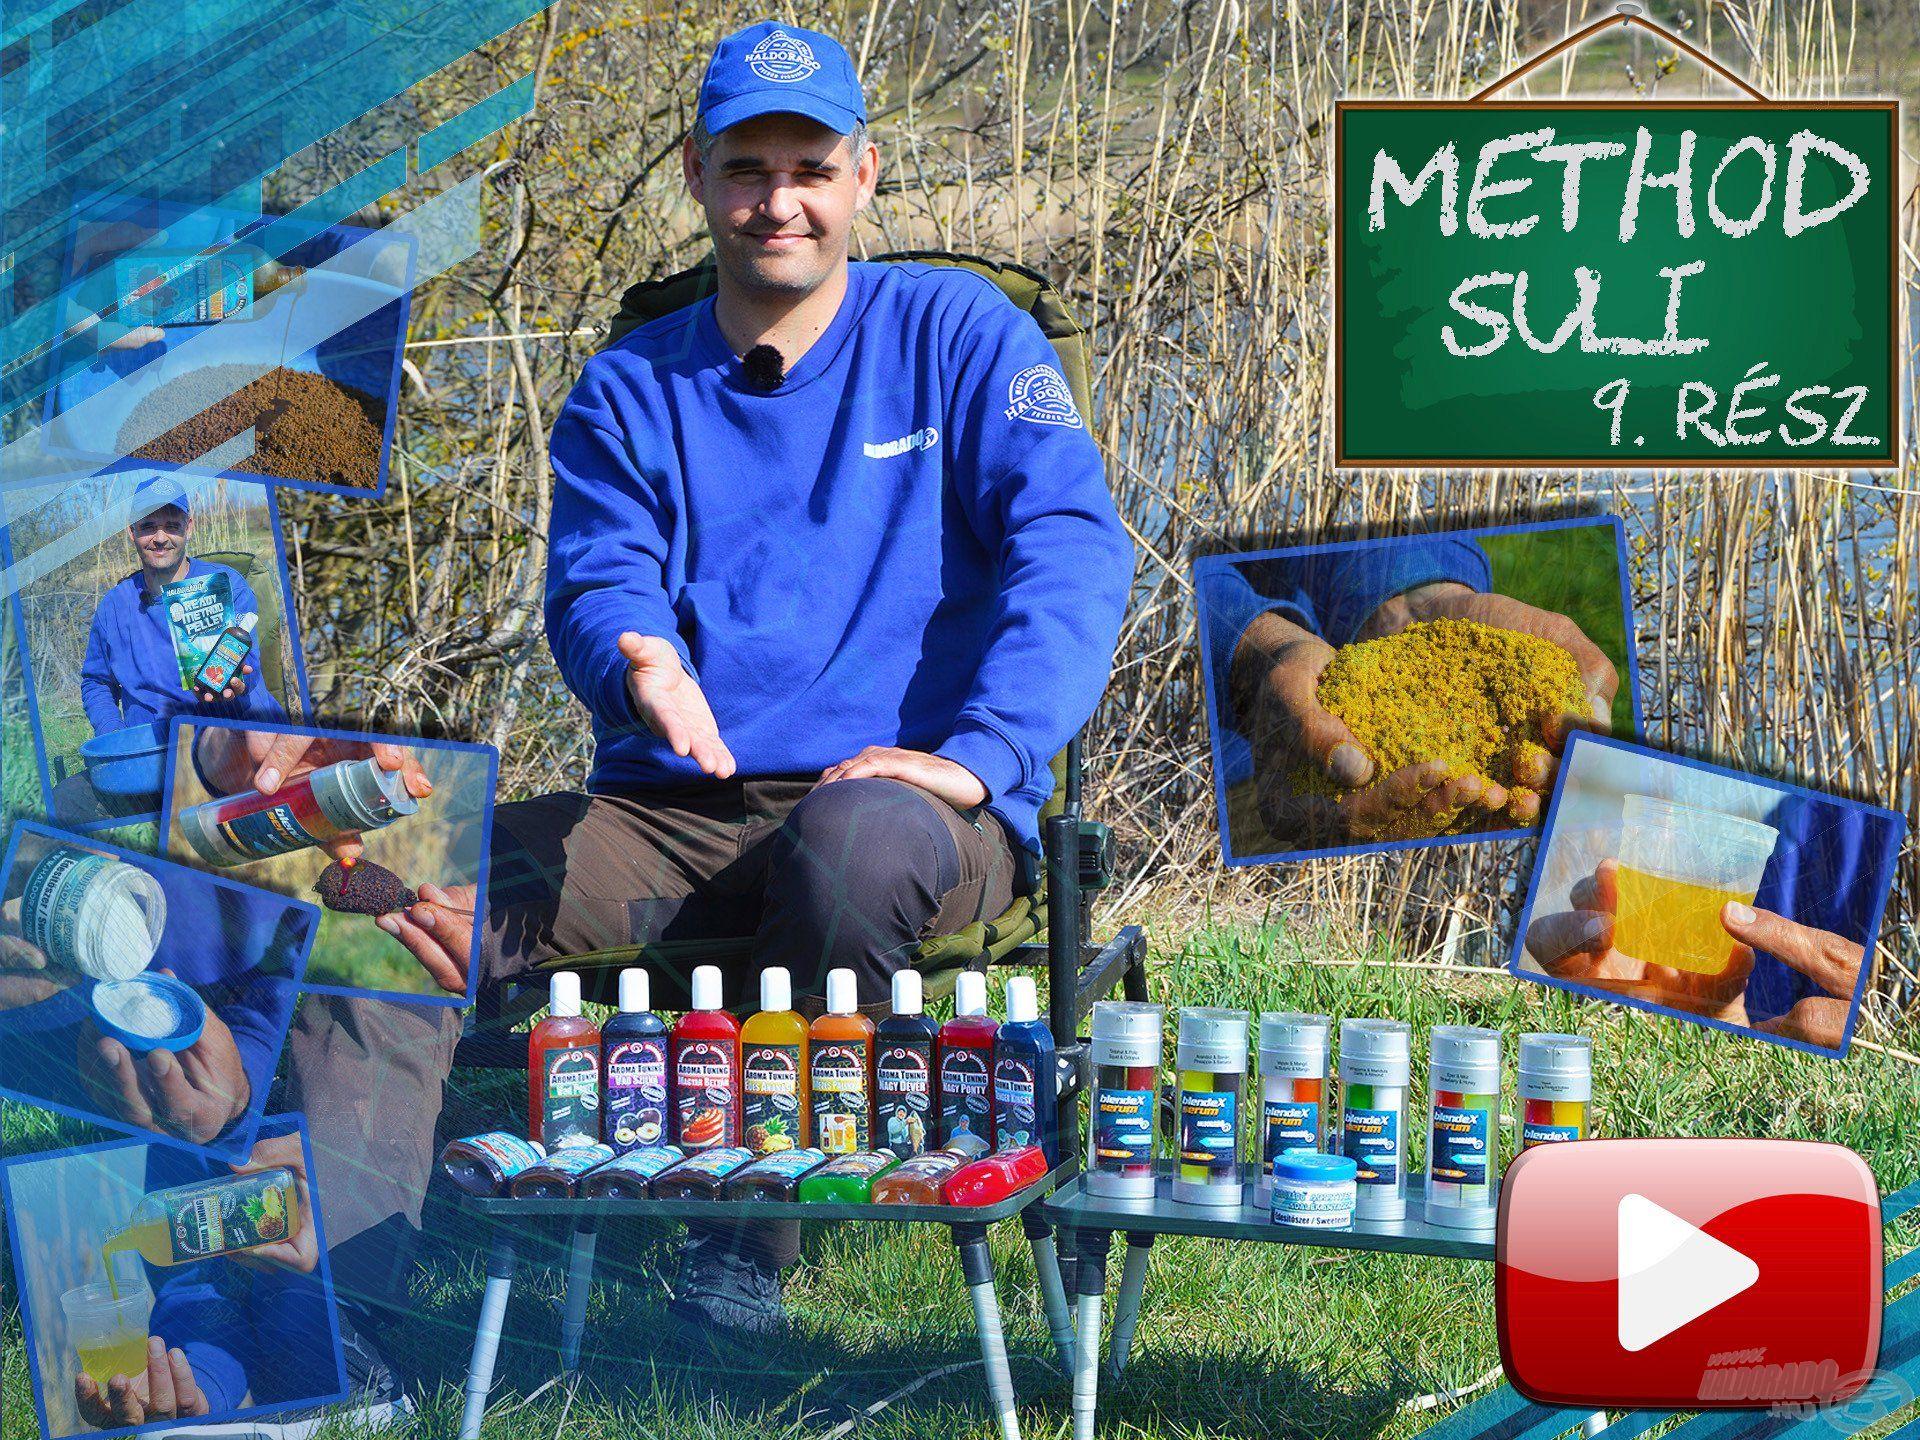 Method suli 9. rész – Ismerkedés az aromákkal, adalékokkal